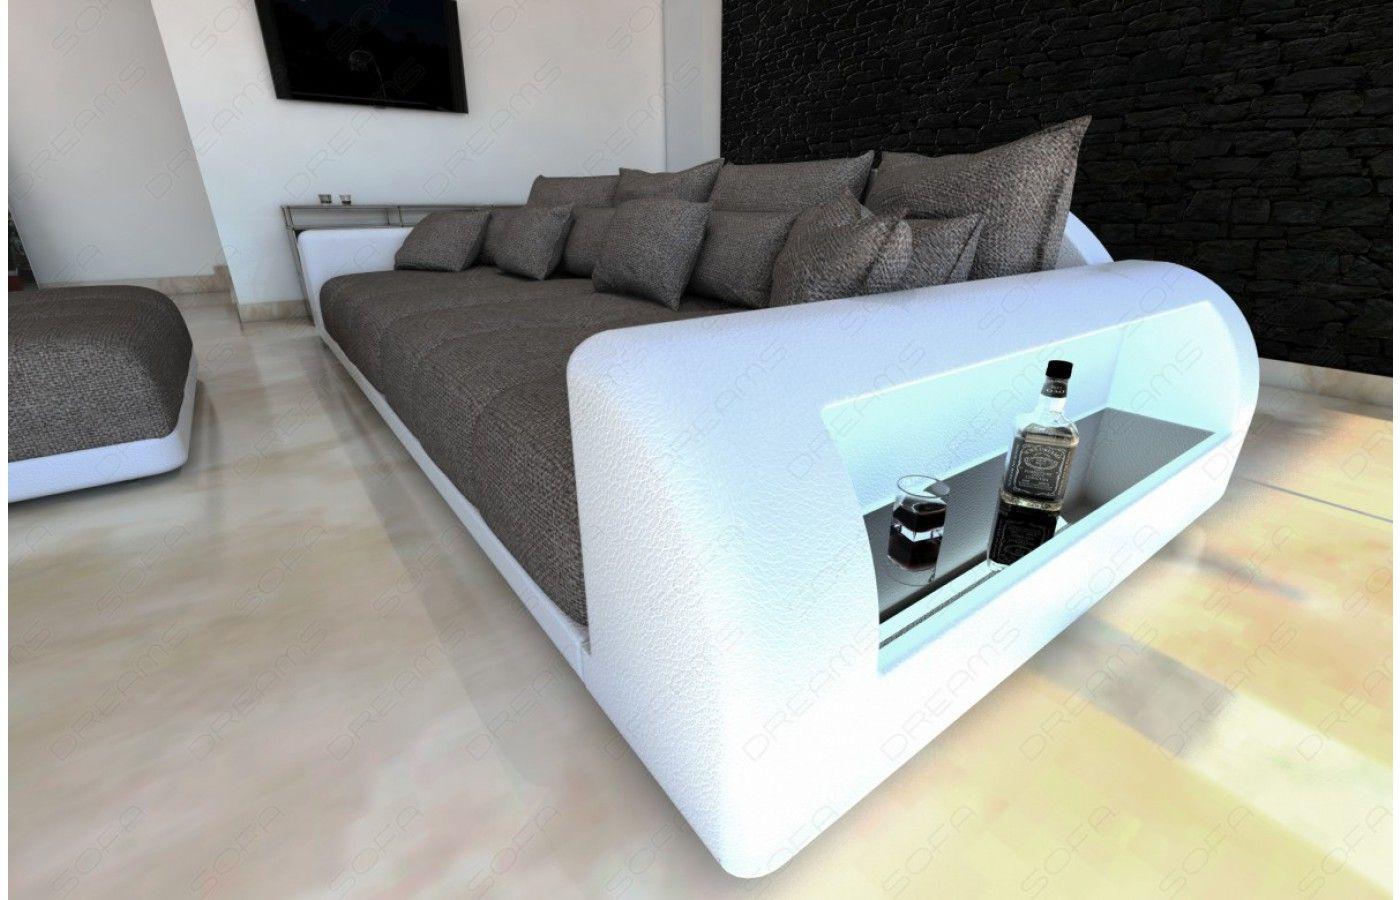 Wunderbar Sofa Billig Kaufen Ideen Von #design #bigsofa Mit #led Beleuchtung - Iv